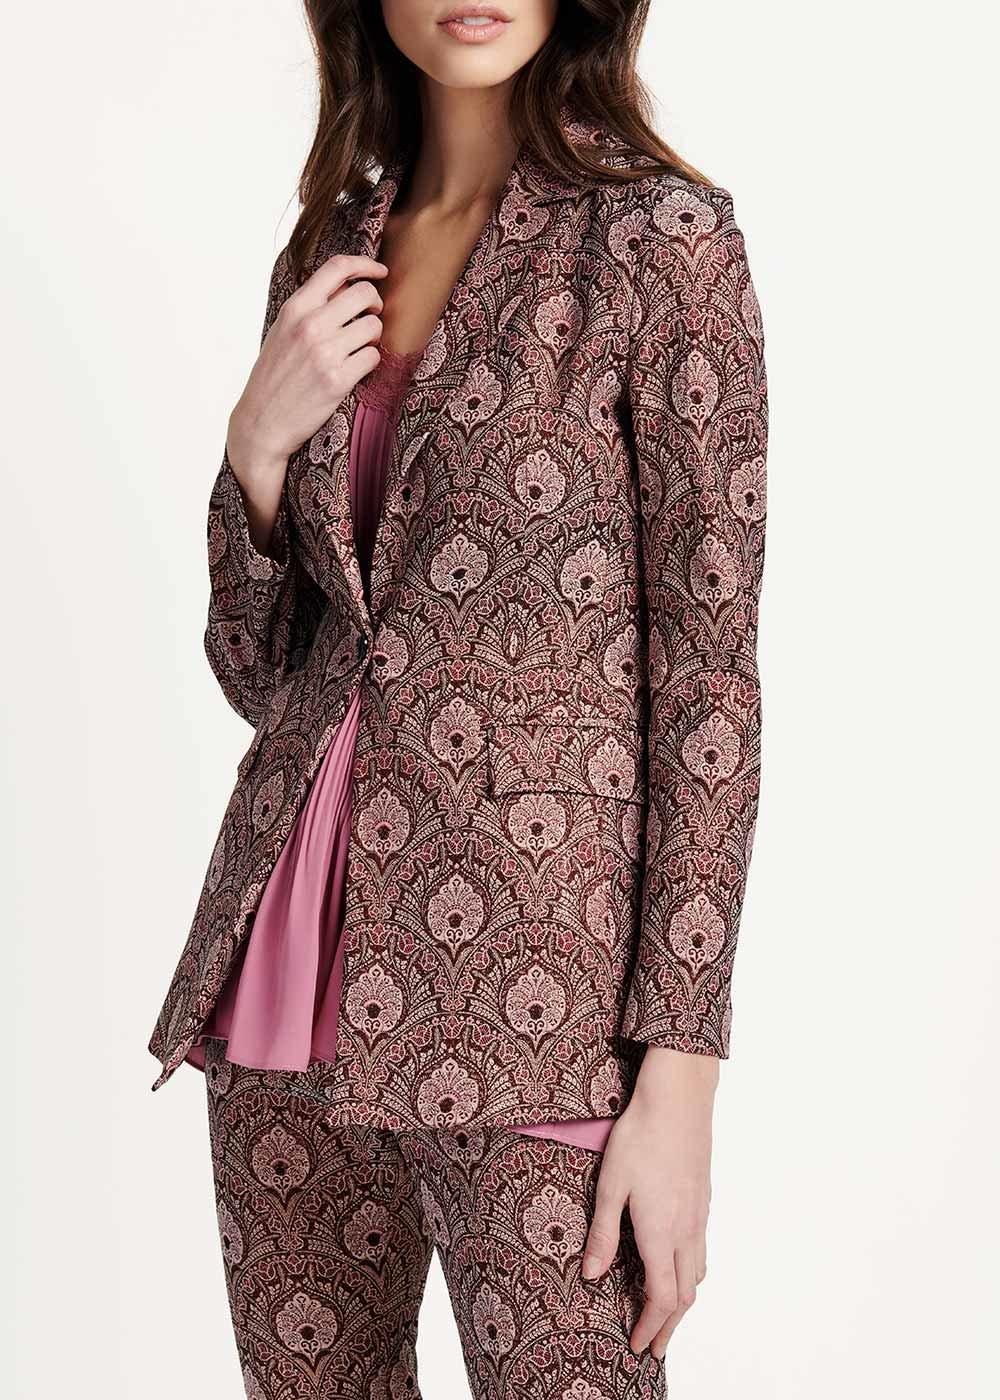 Giasmine damask jacket - Ciliegia / Sepia Fantasia - Woman